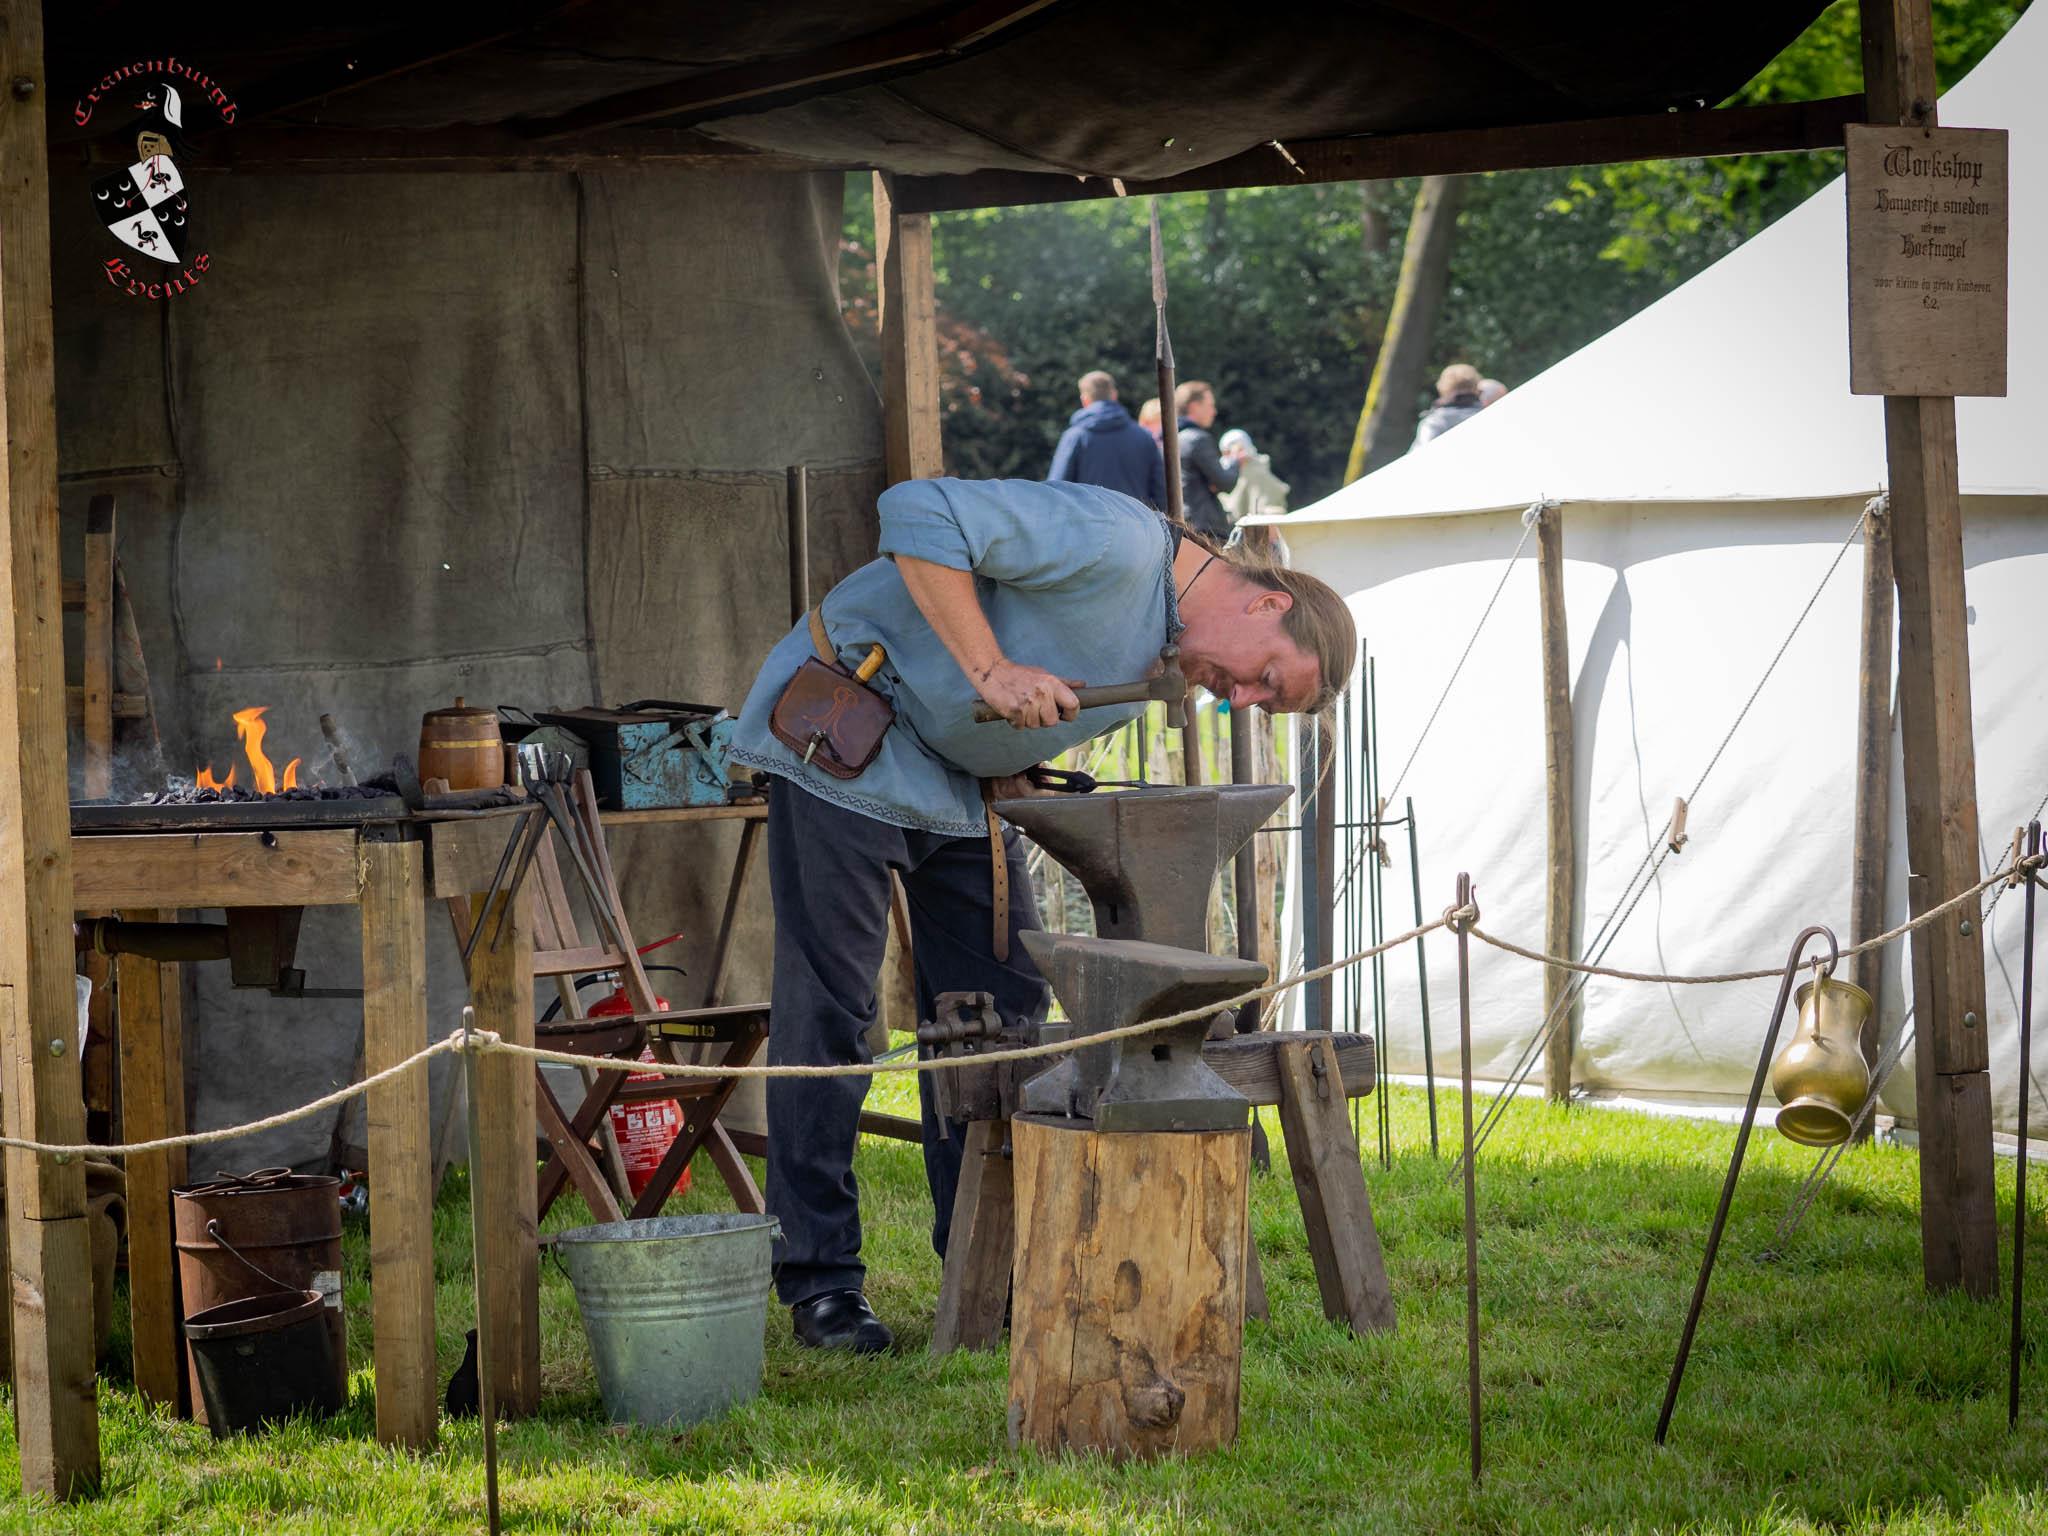 Middeleeuws-Festijn-Cannenburgh-2019-Ellen-la-Faille-18